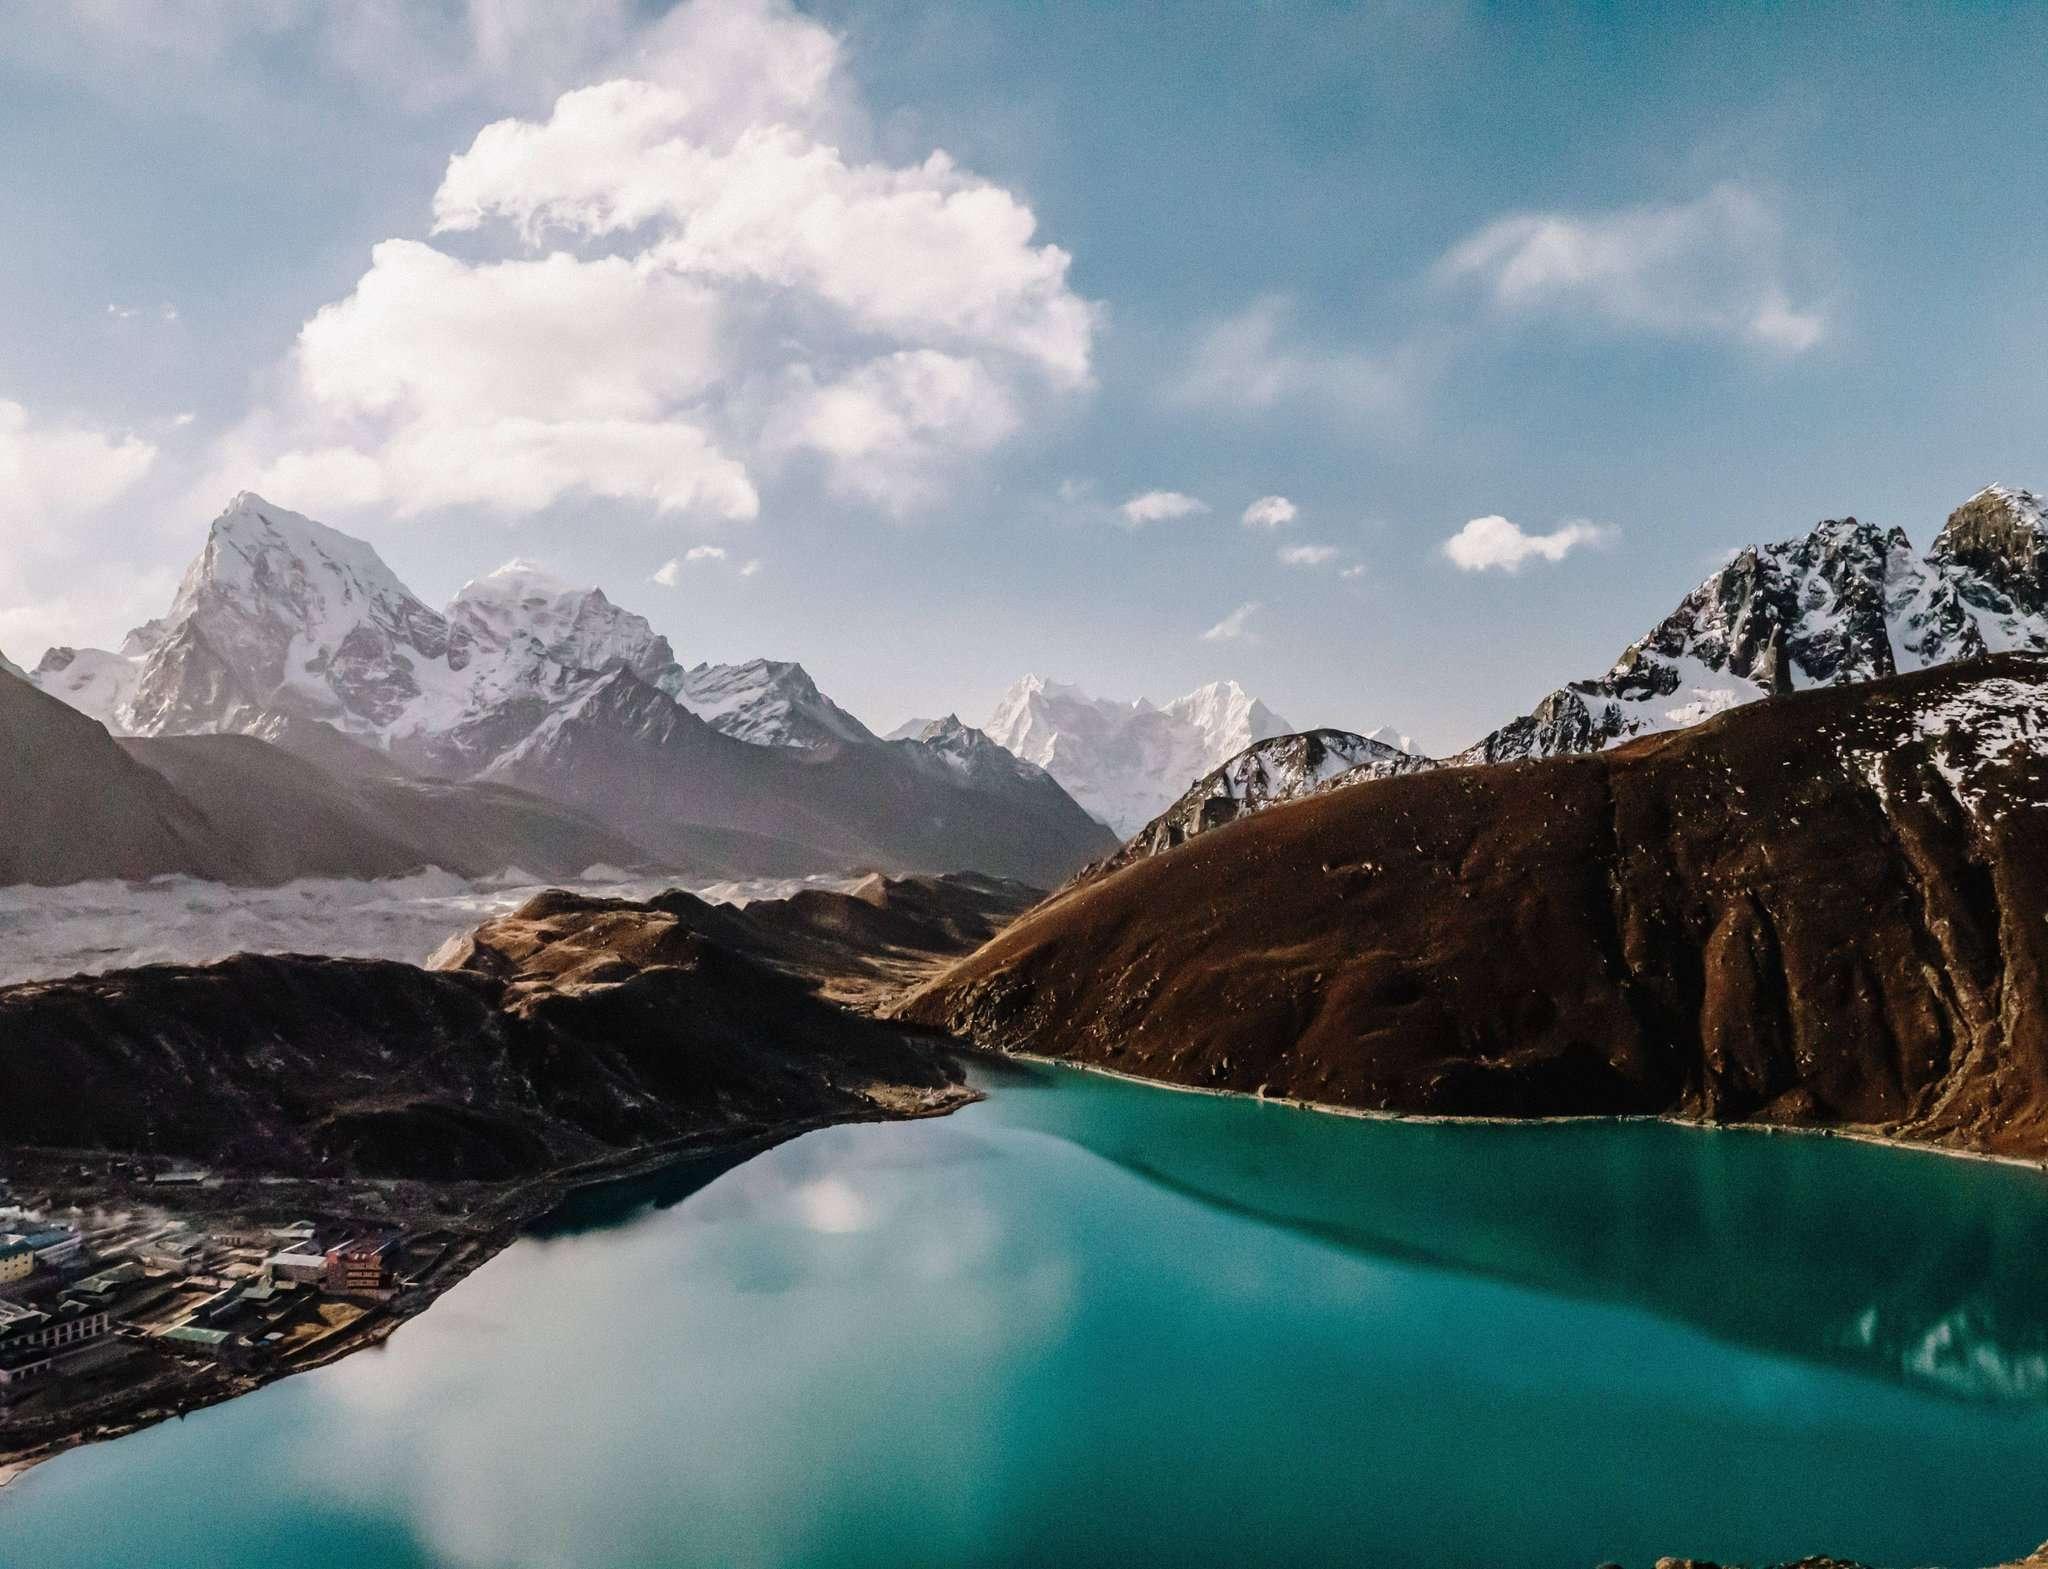 Die Gokyo Lakes in Nepal liegen auf einer Höhe von 4.700 bis 5.000 Metern über dem Meeresspiegel und sind damit das höchste Süßwasserseesystem der Welt.  Fotos: TogetherFree GbR